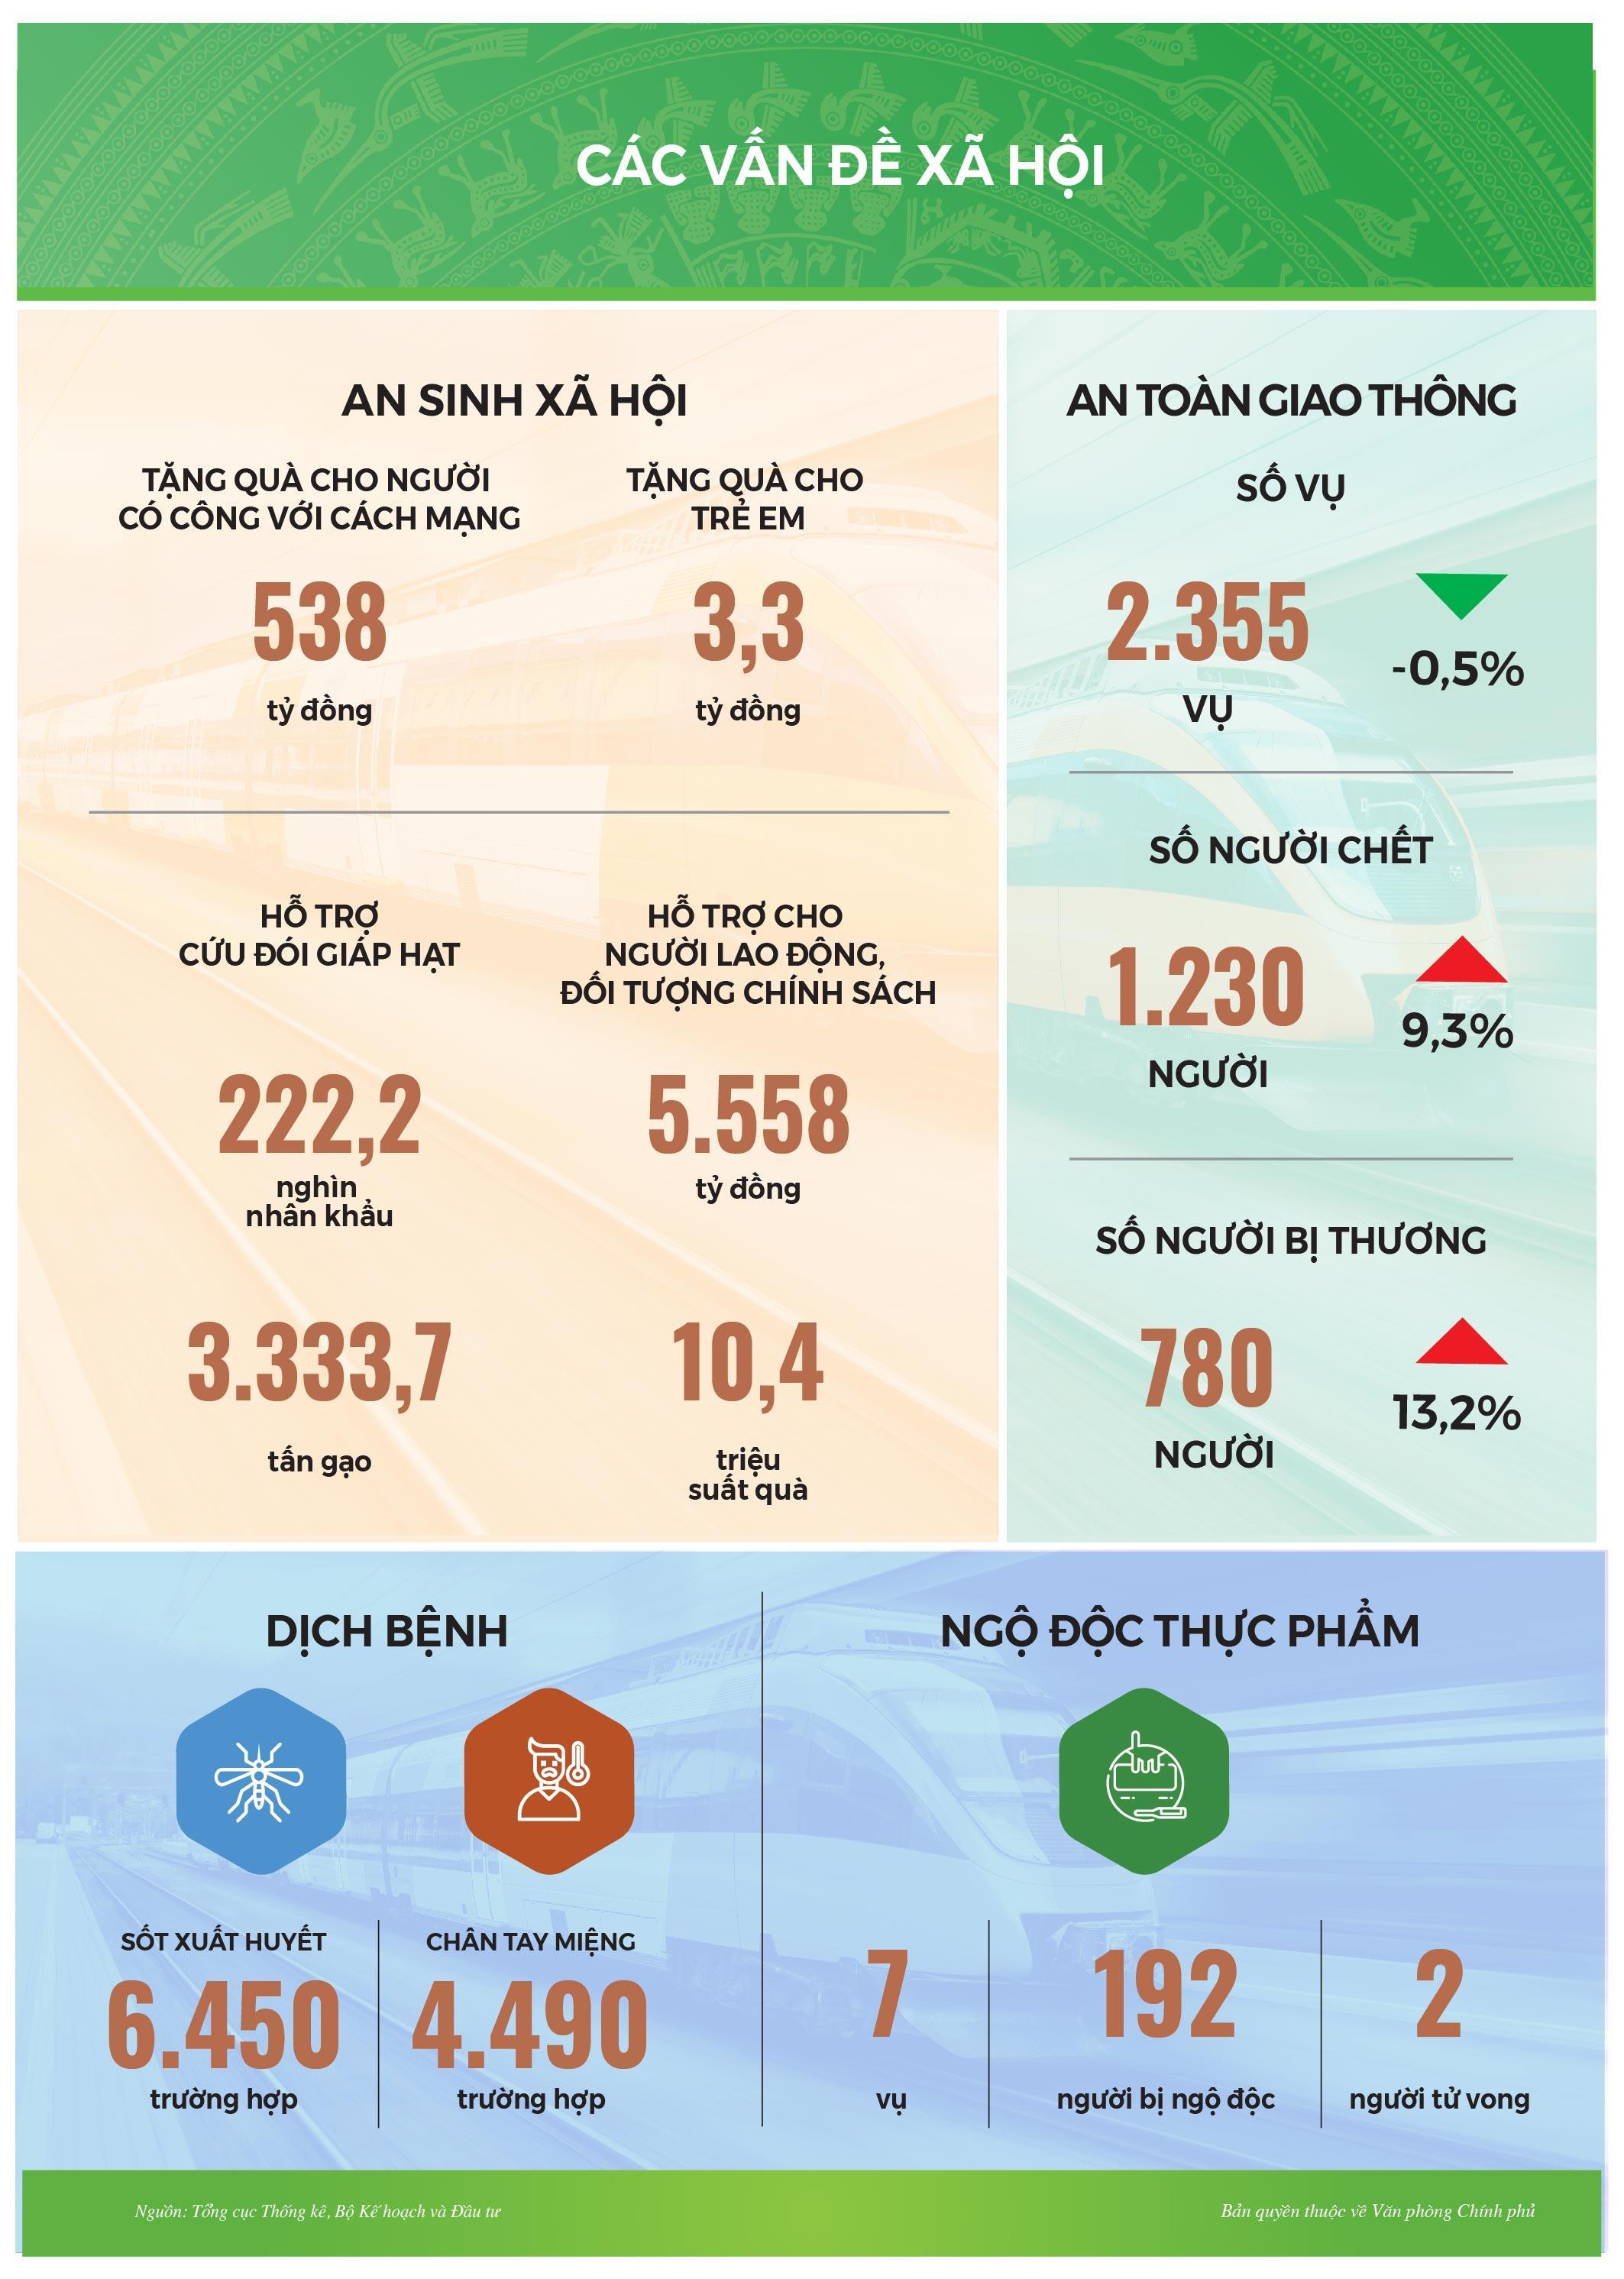 Infographic: Tình hình kinh tế-xã hội tháng 2/2021 Ảnh 11